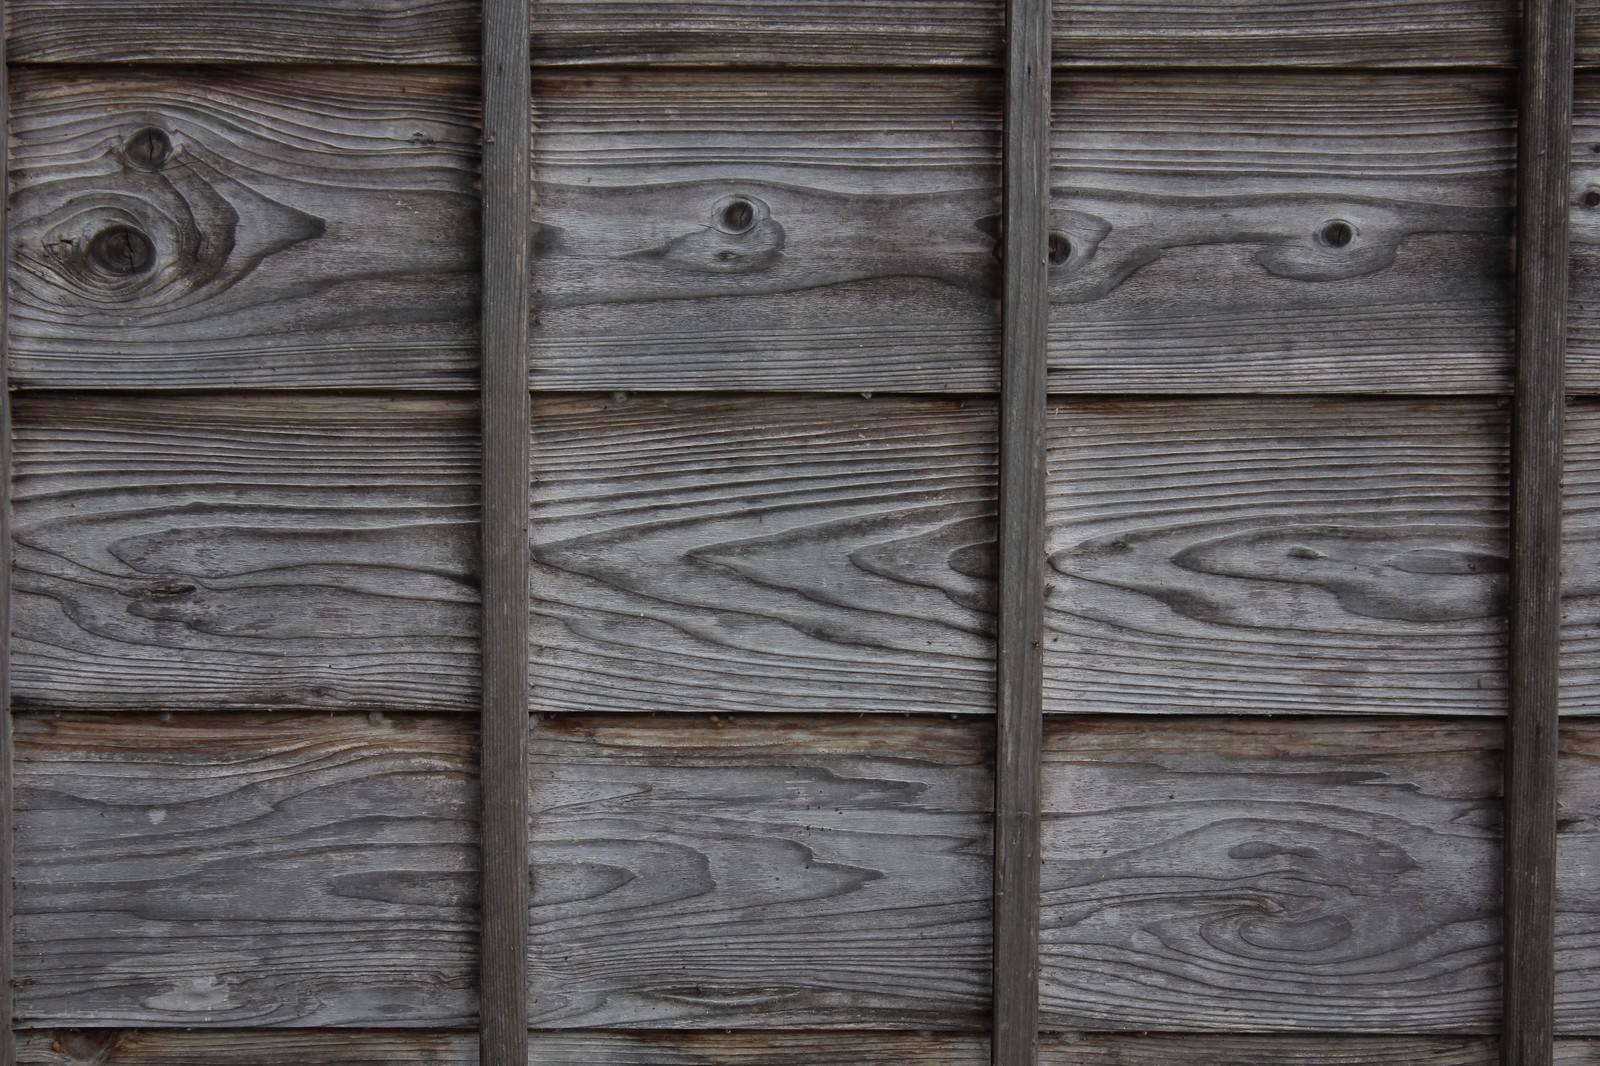 「古民家の外壁の壁(木造)」の写真